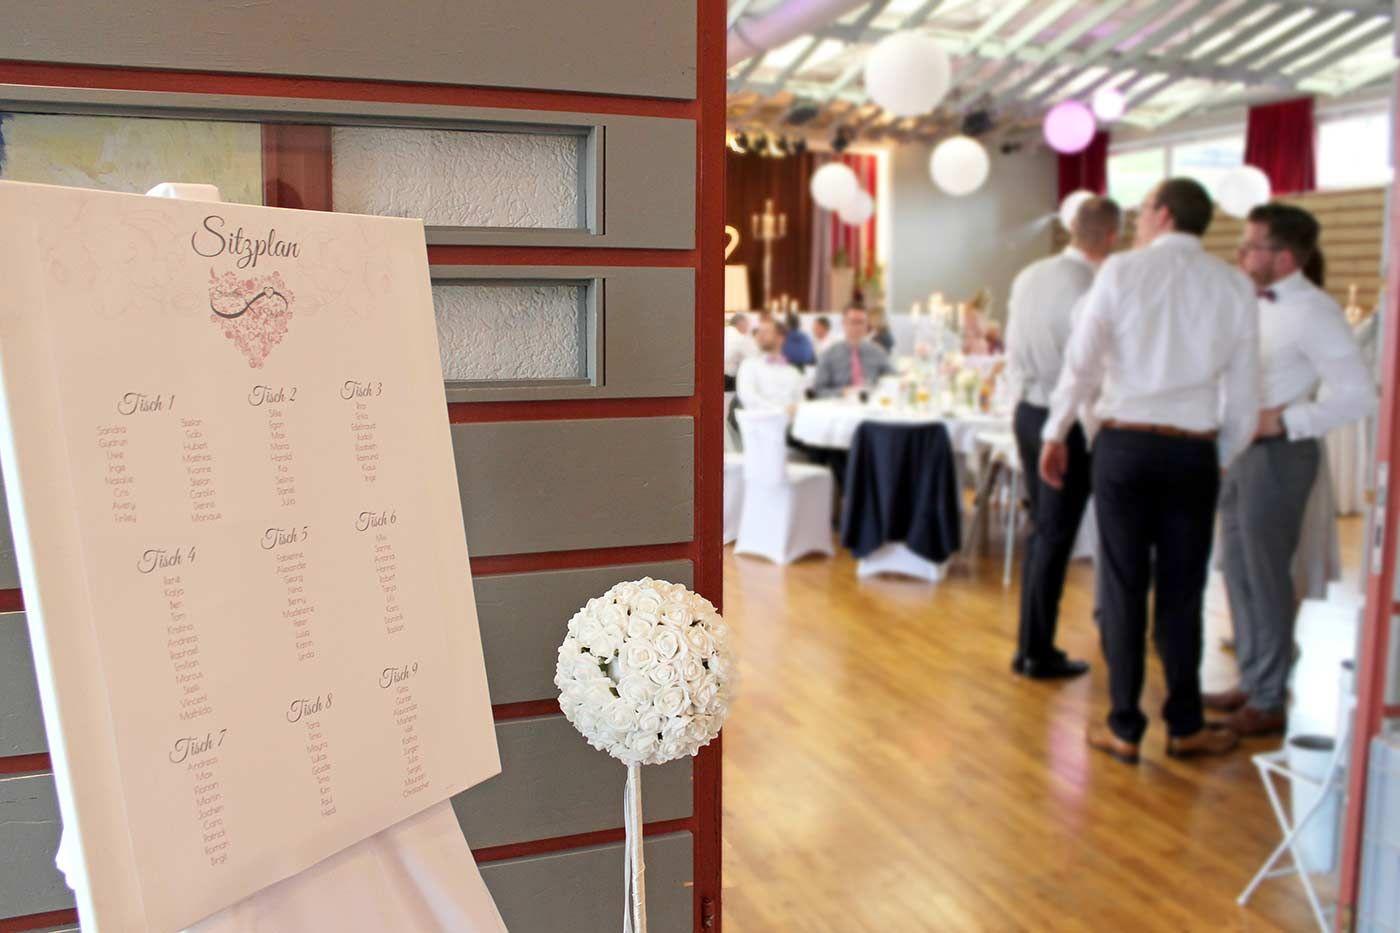 Sitzplan Hochzeit Leinwand Tischplane Hochzeit Tischplan Sitzordnung Hochzeit